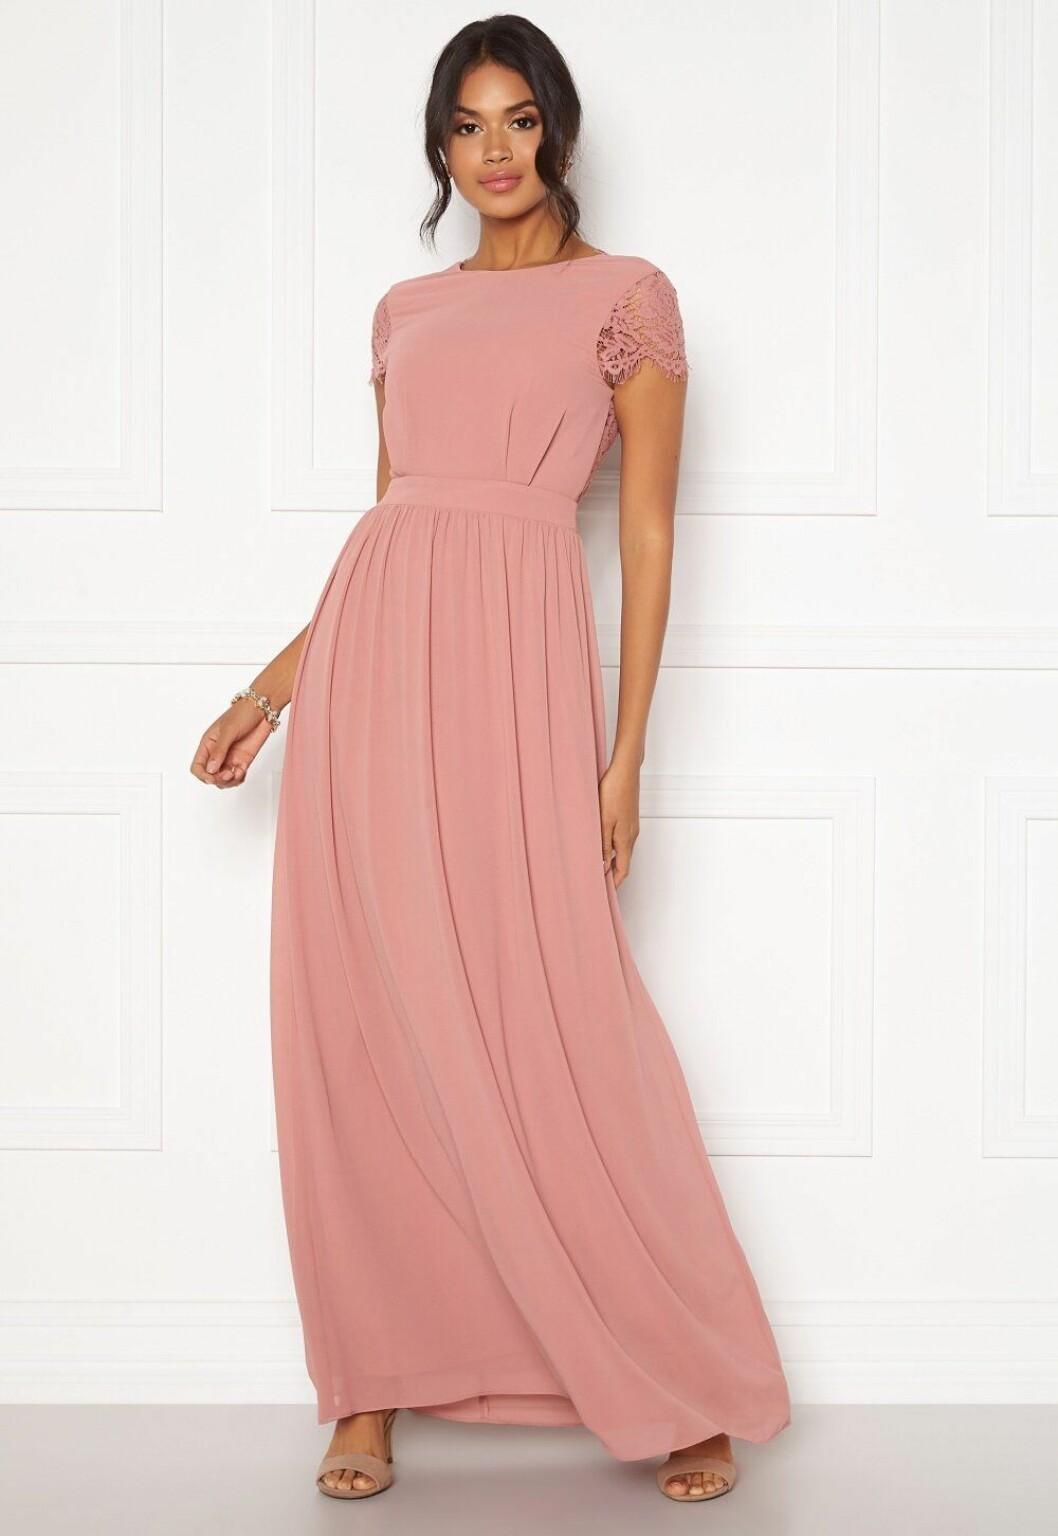 Rosa långklänning med spets på ärmen – perfekt till brudtärnan